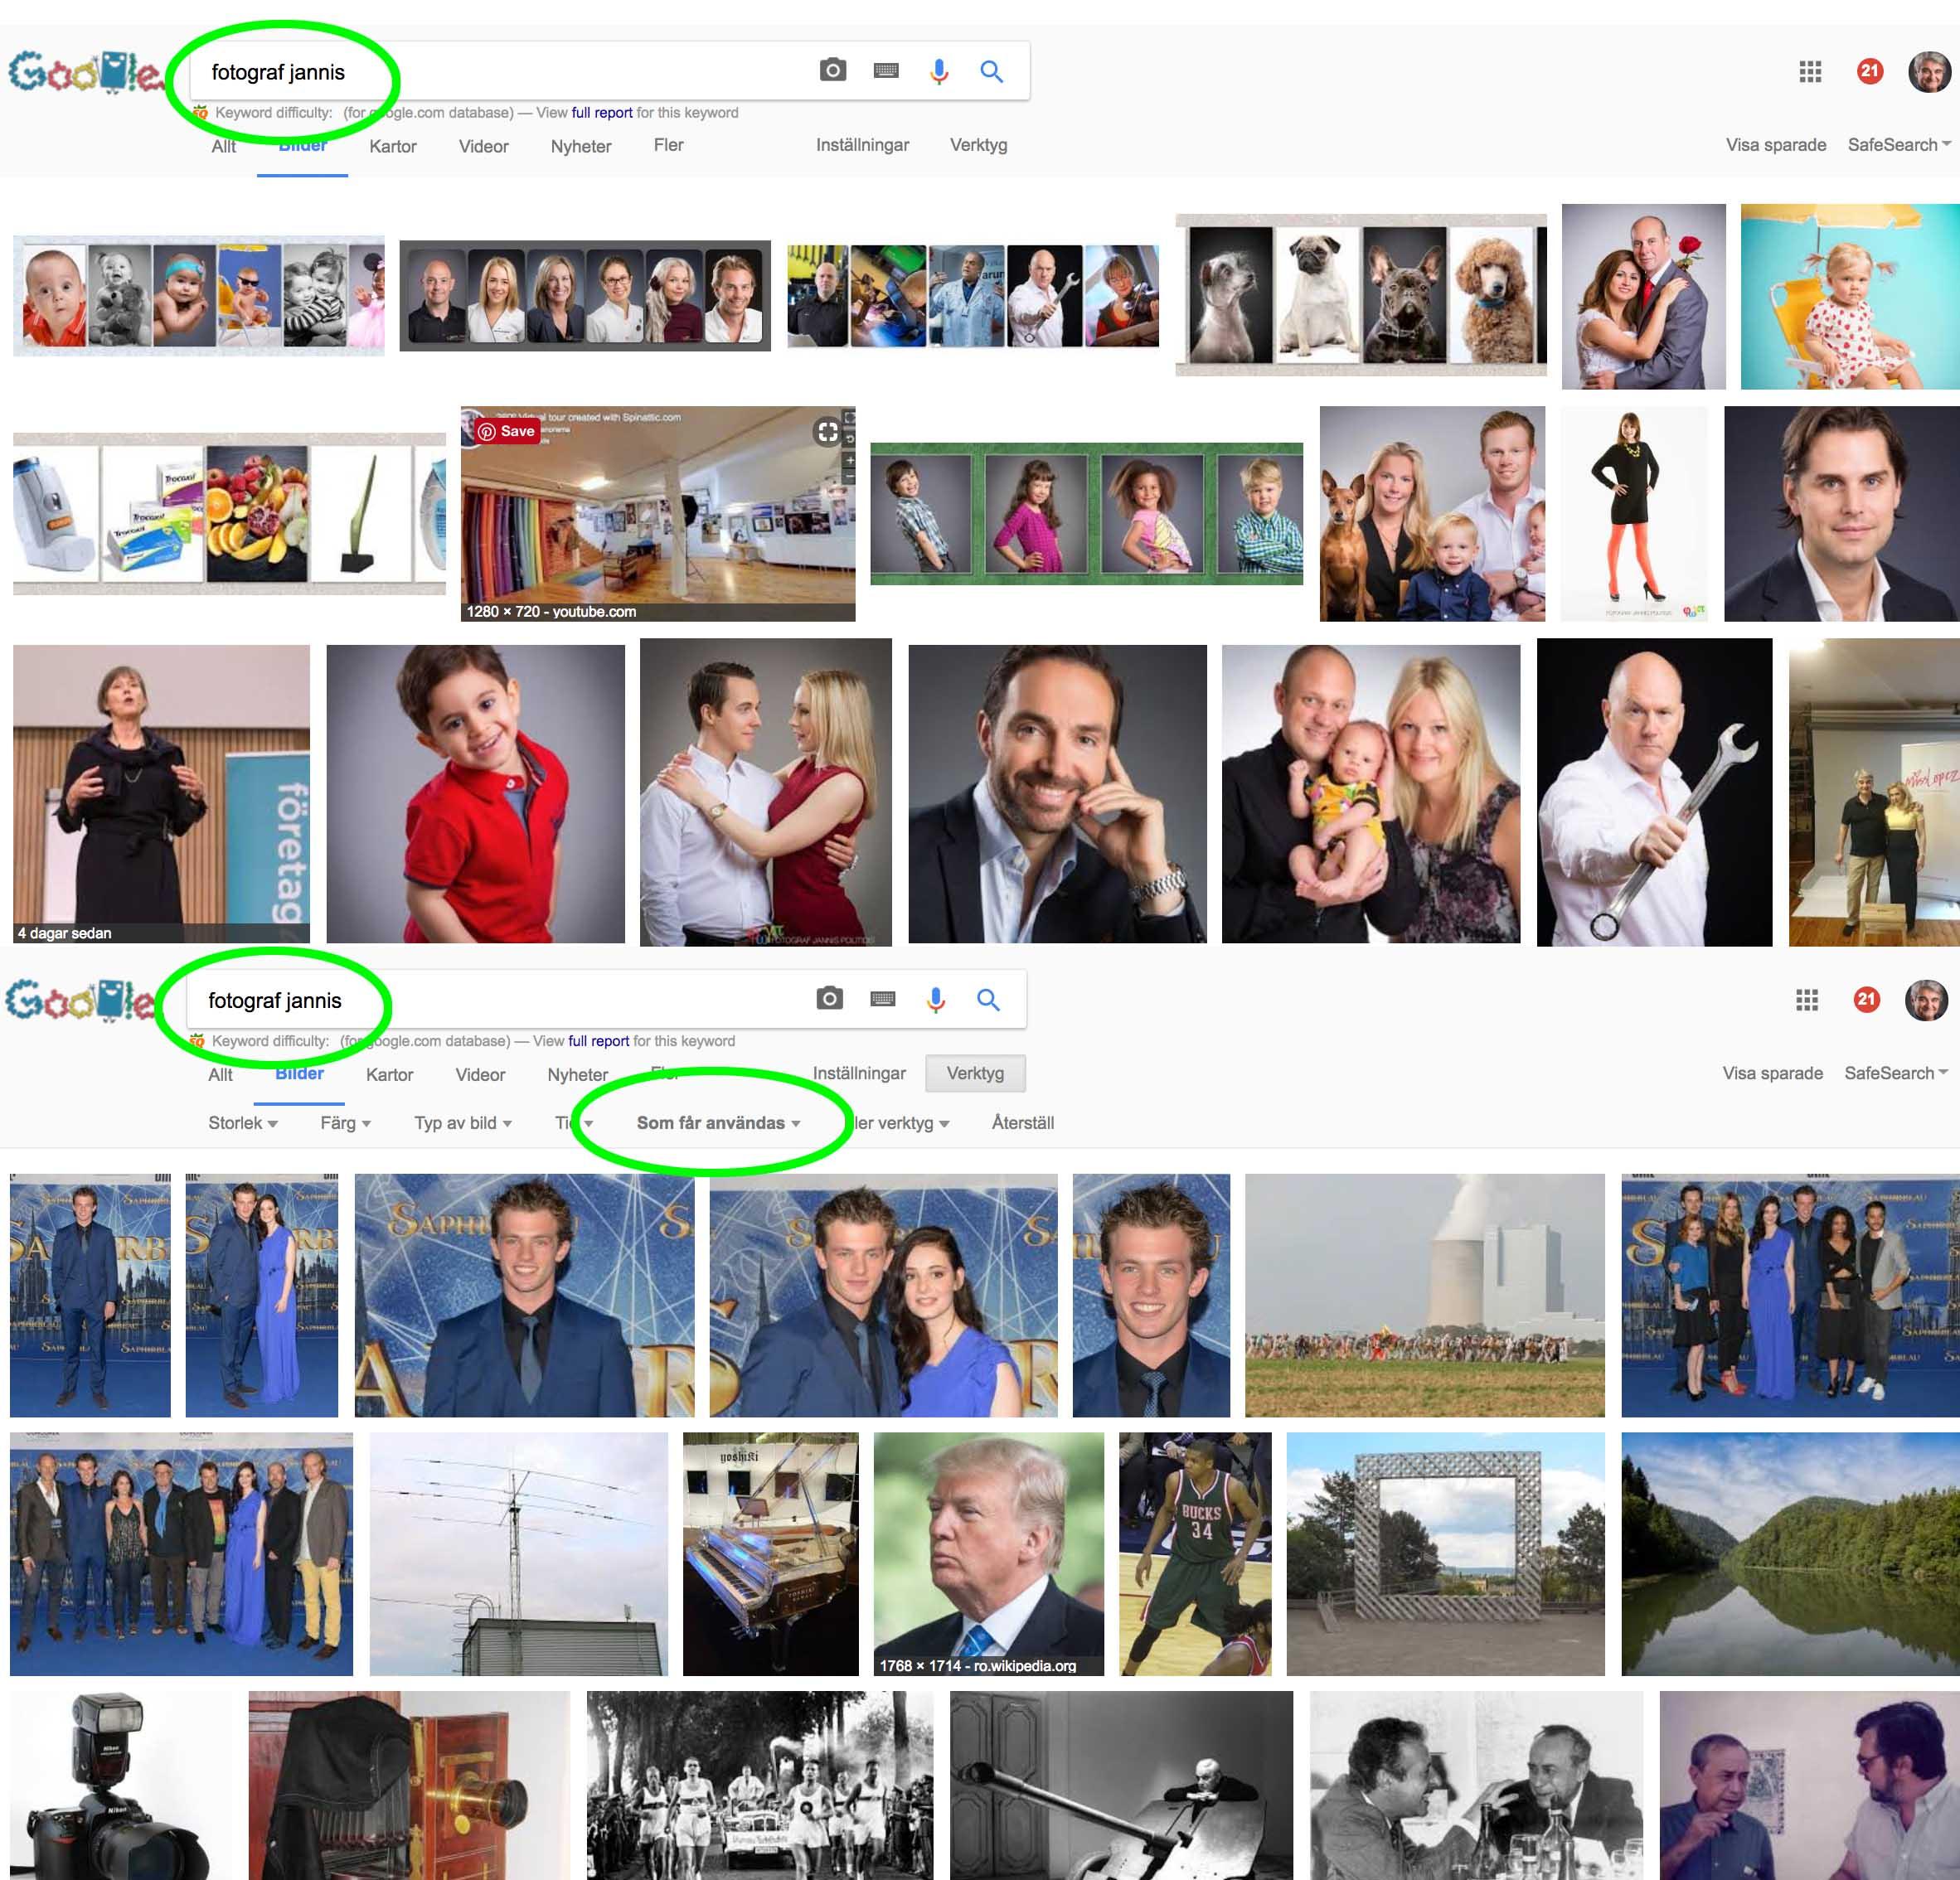 fotograf jannis exempel copyright-Optimera dina bilder för Google